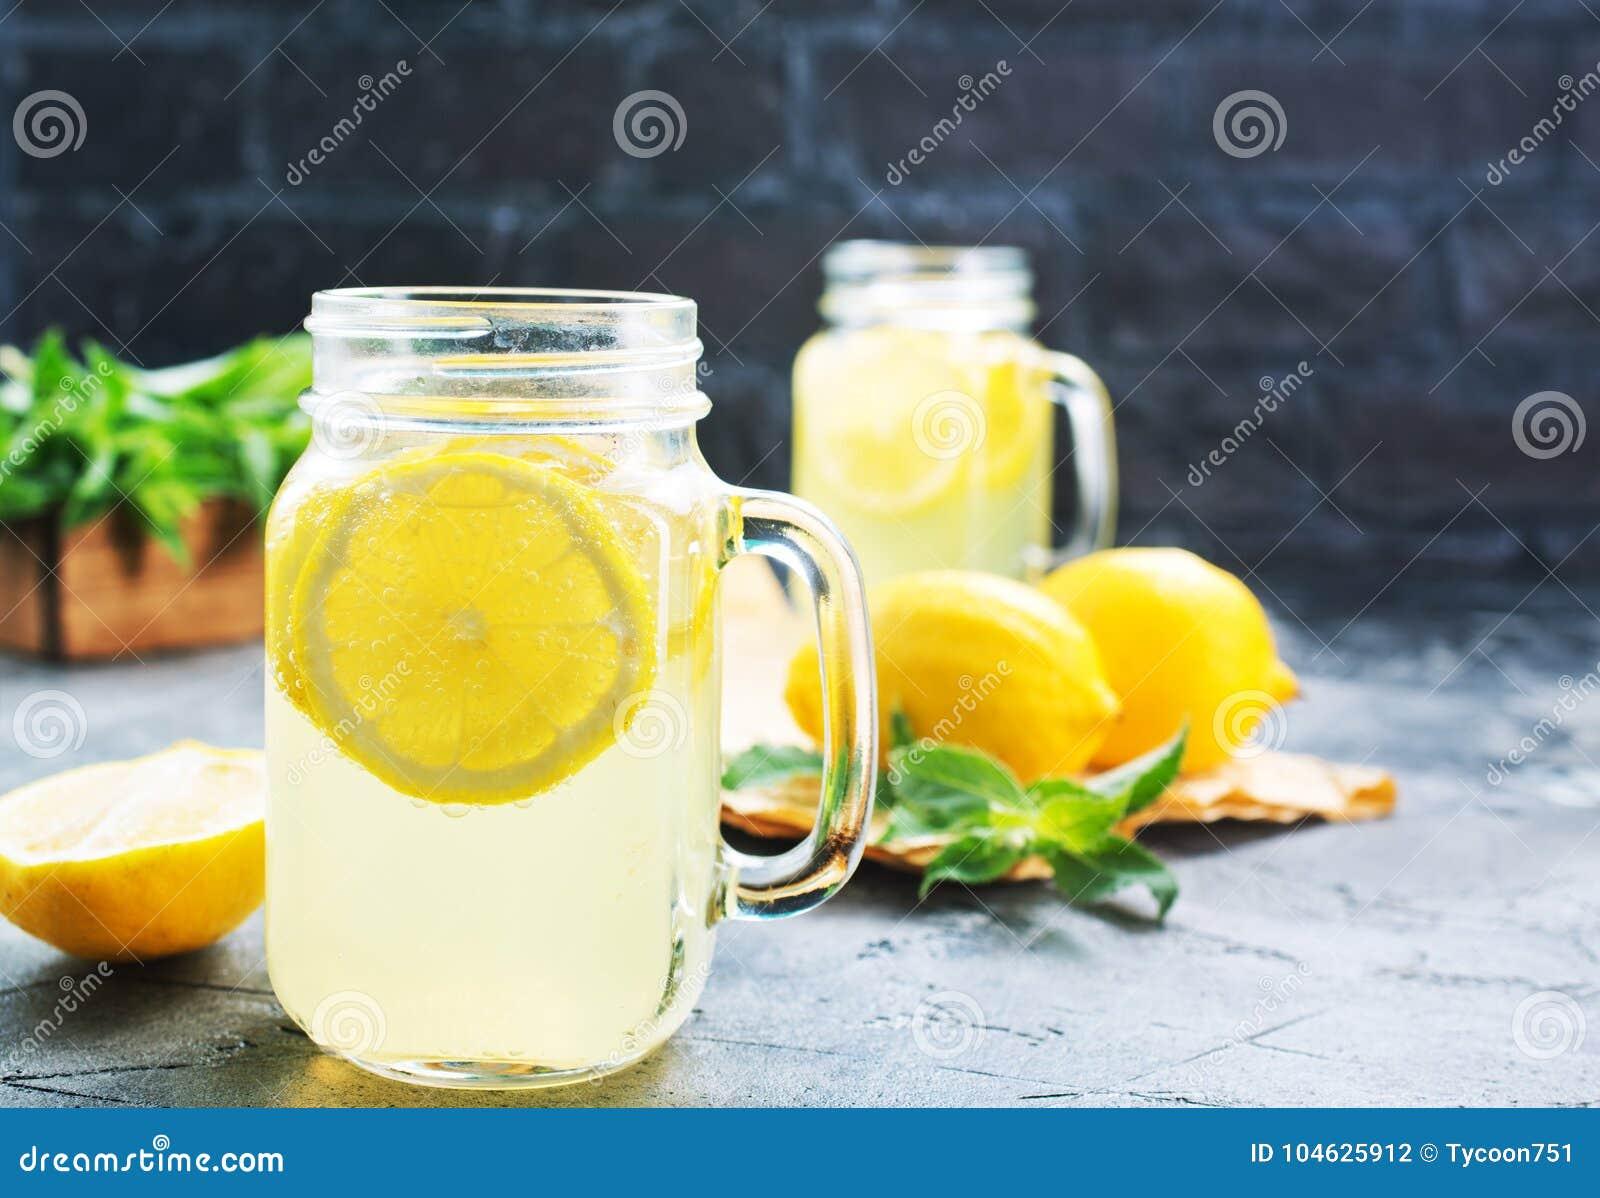 Download Limonade stock foto. Afbeelding bestaande uit fruit - 104625912